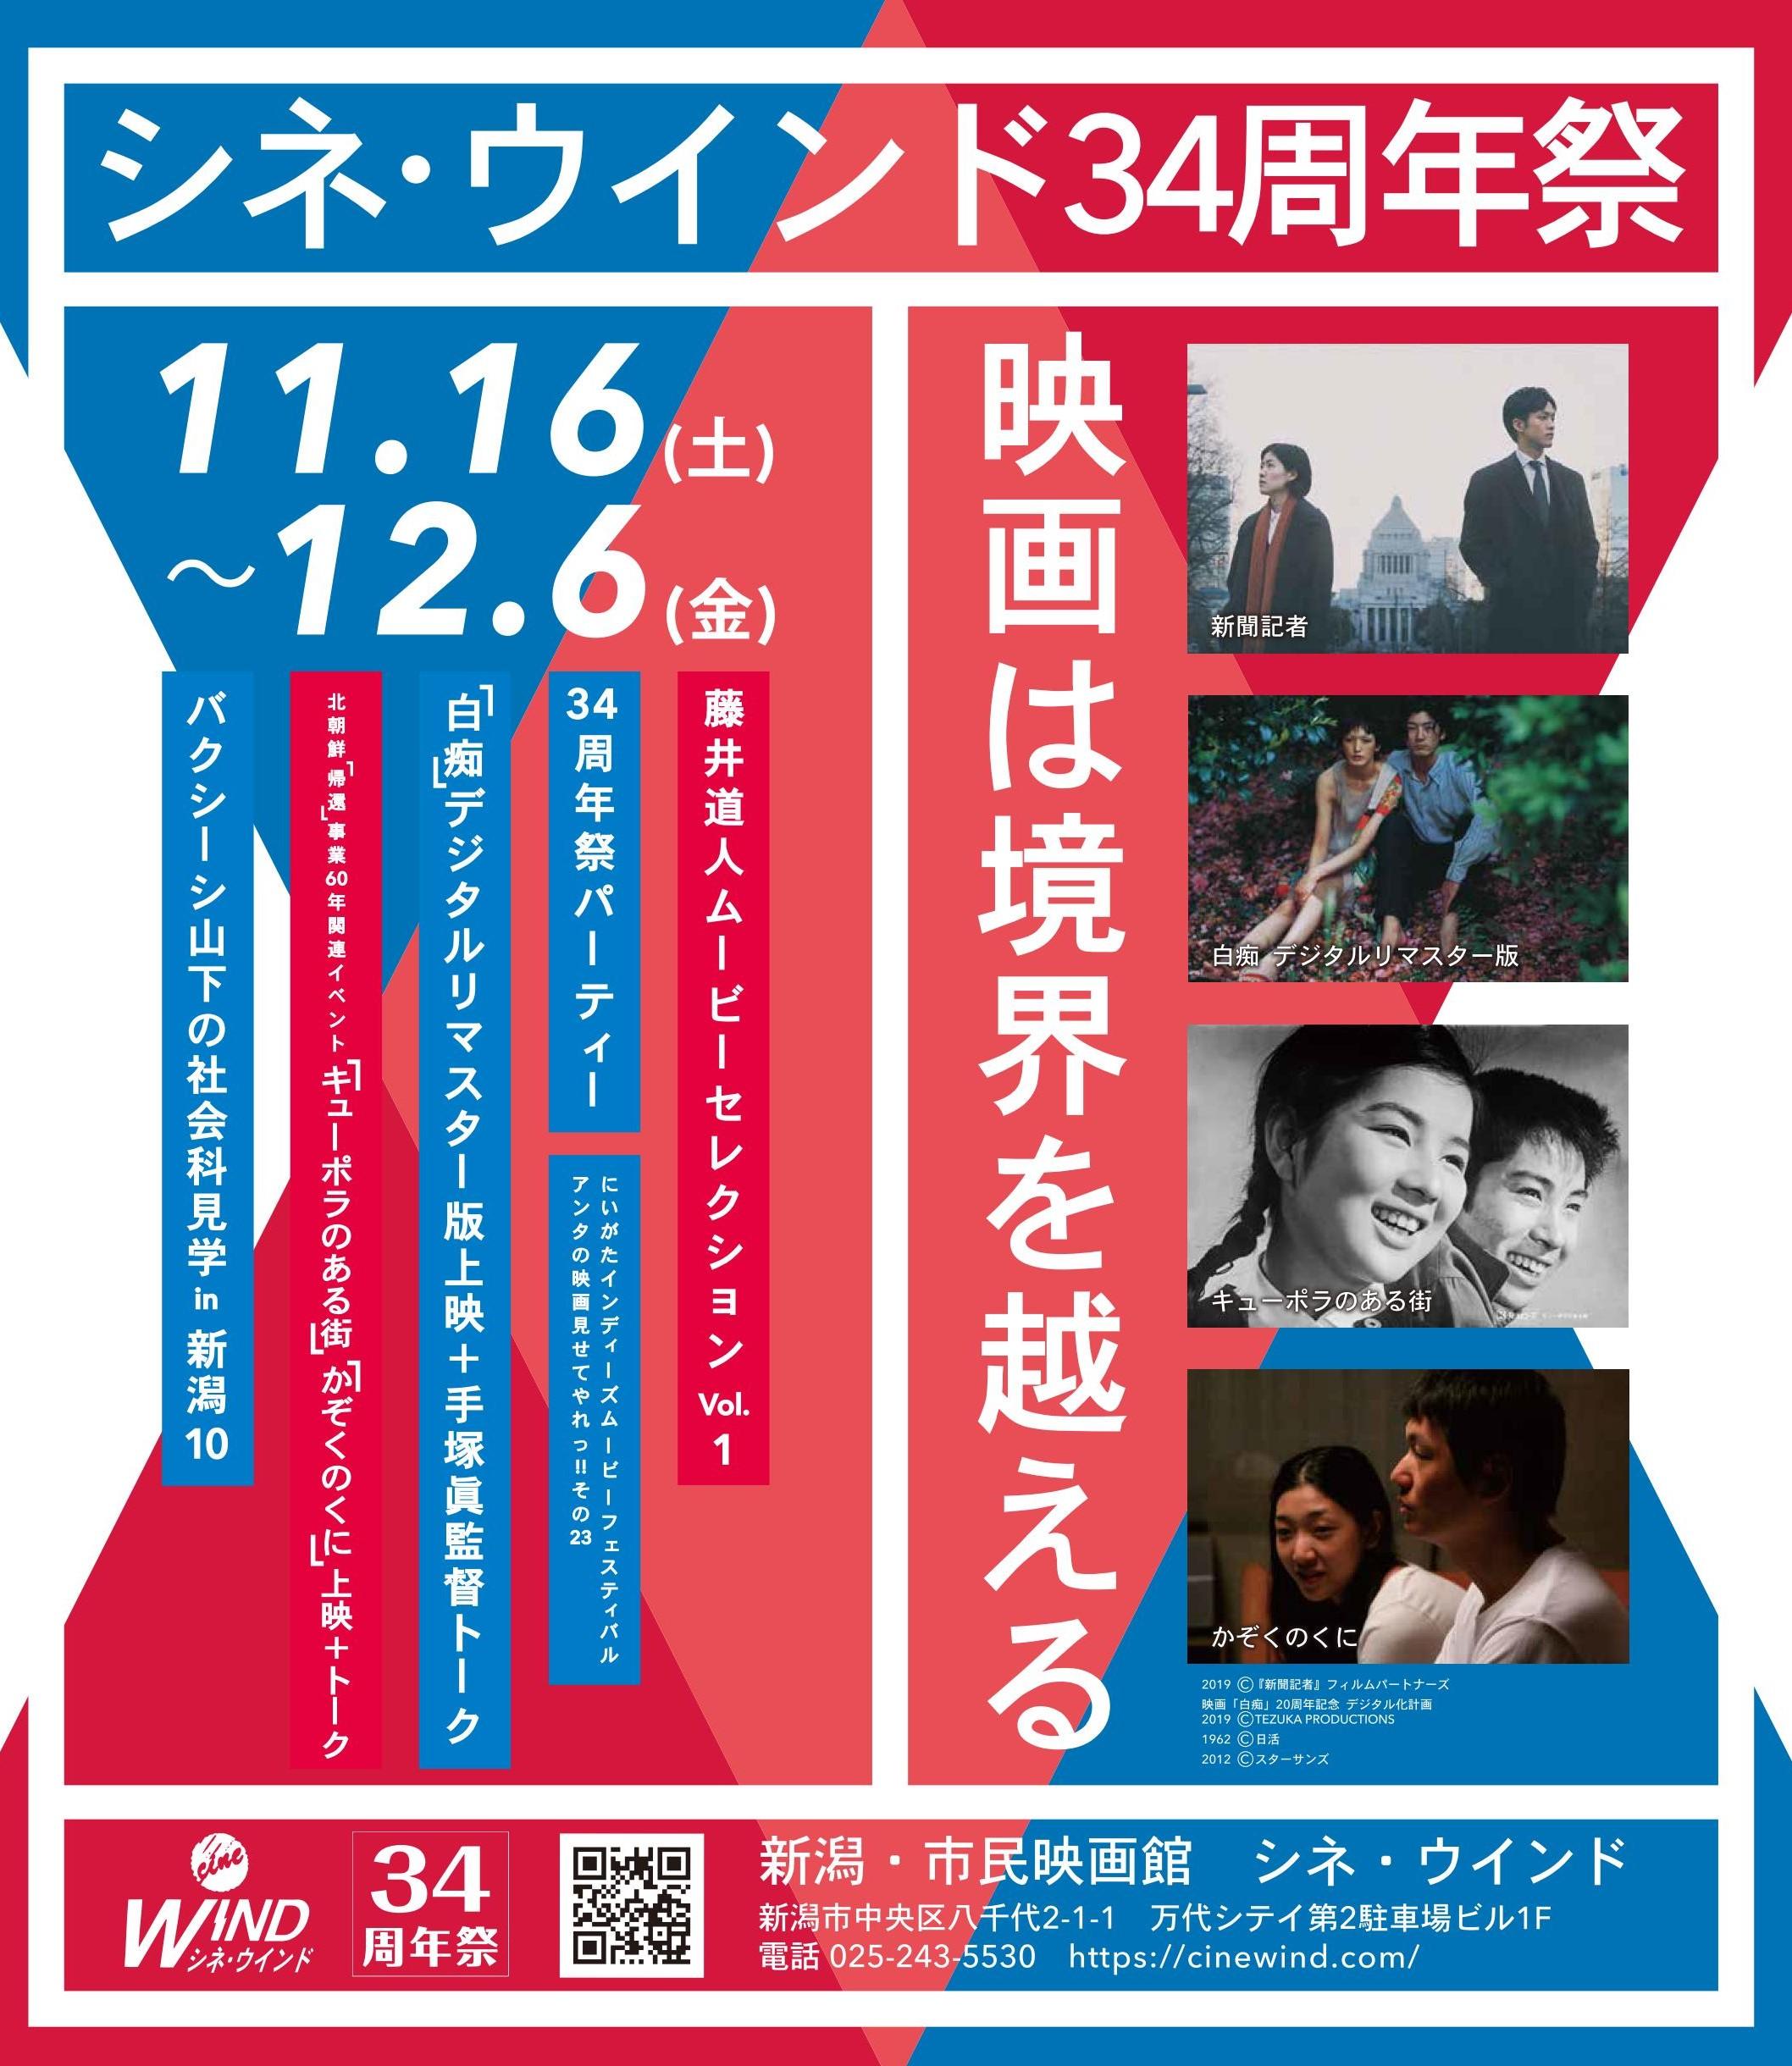 34周年祭 11/16(土)~12/6(金)